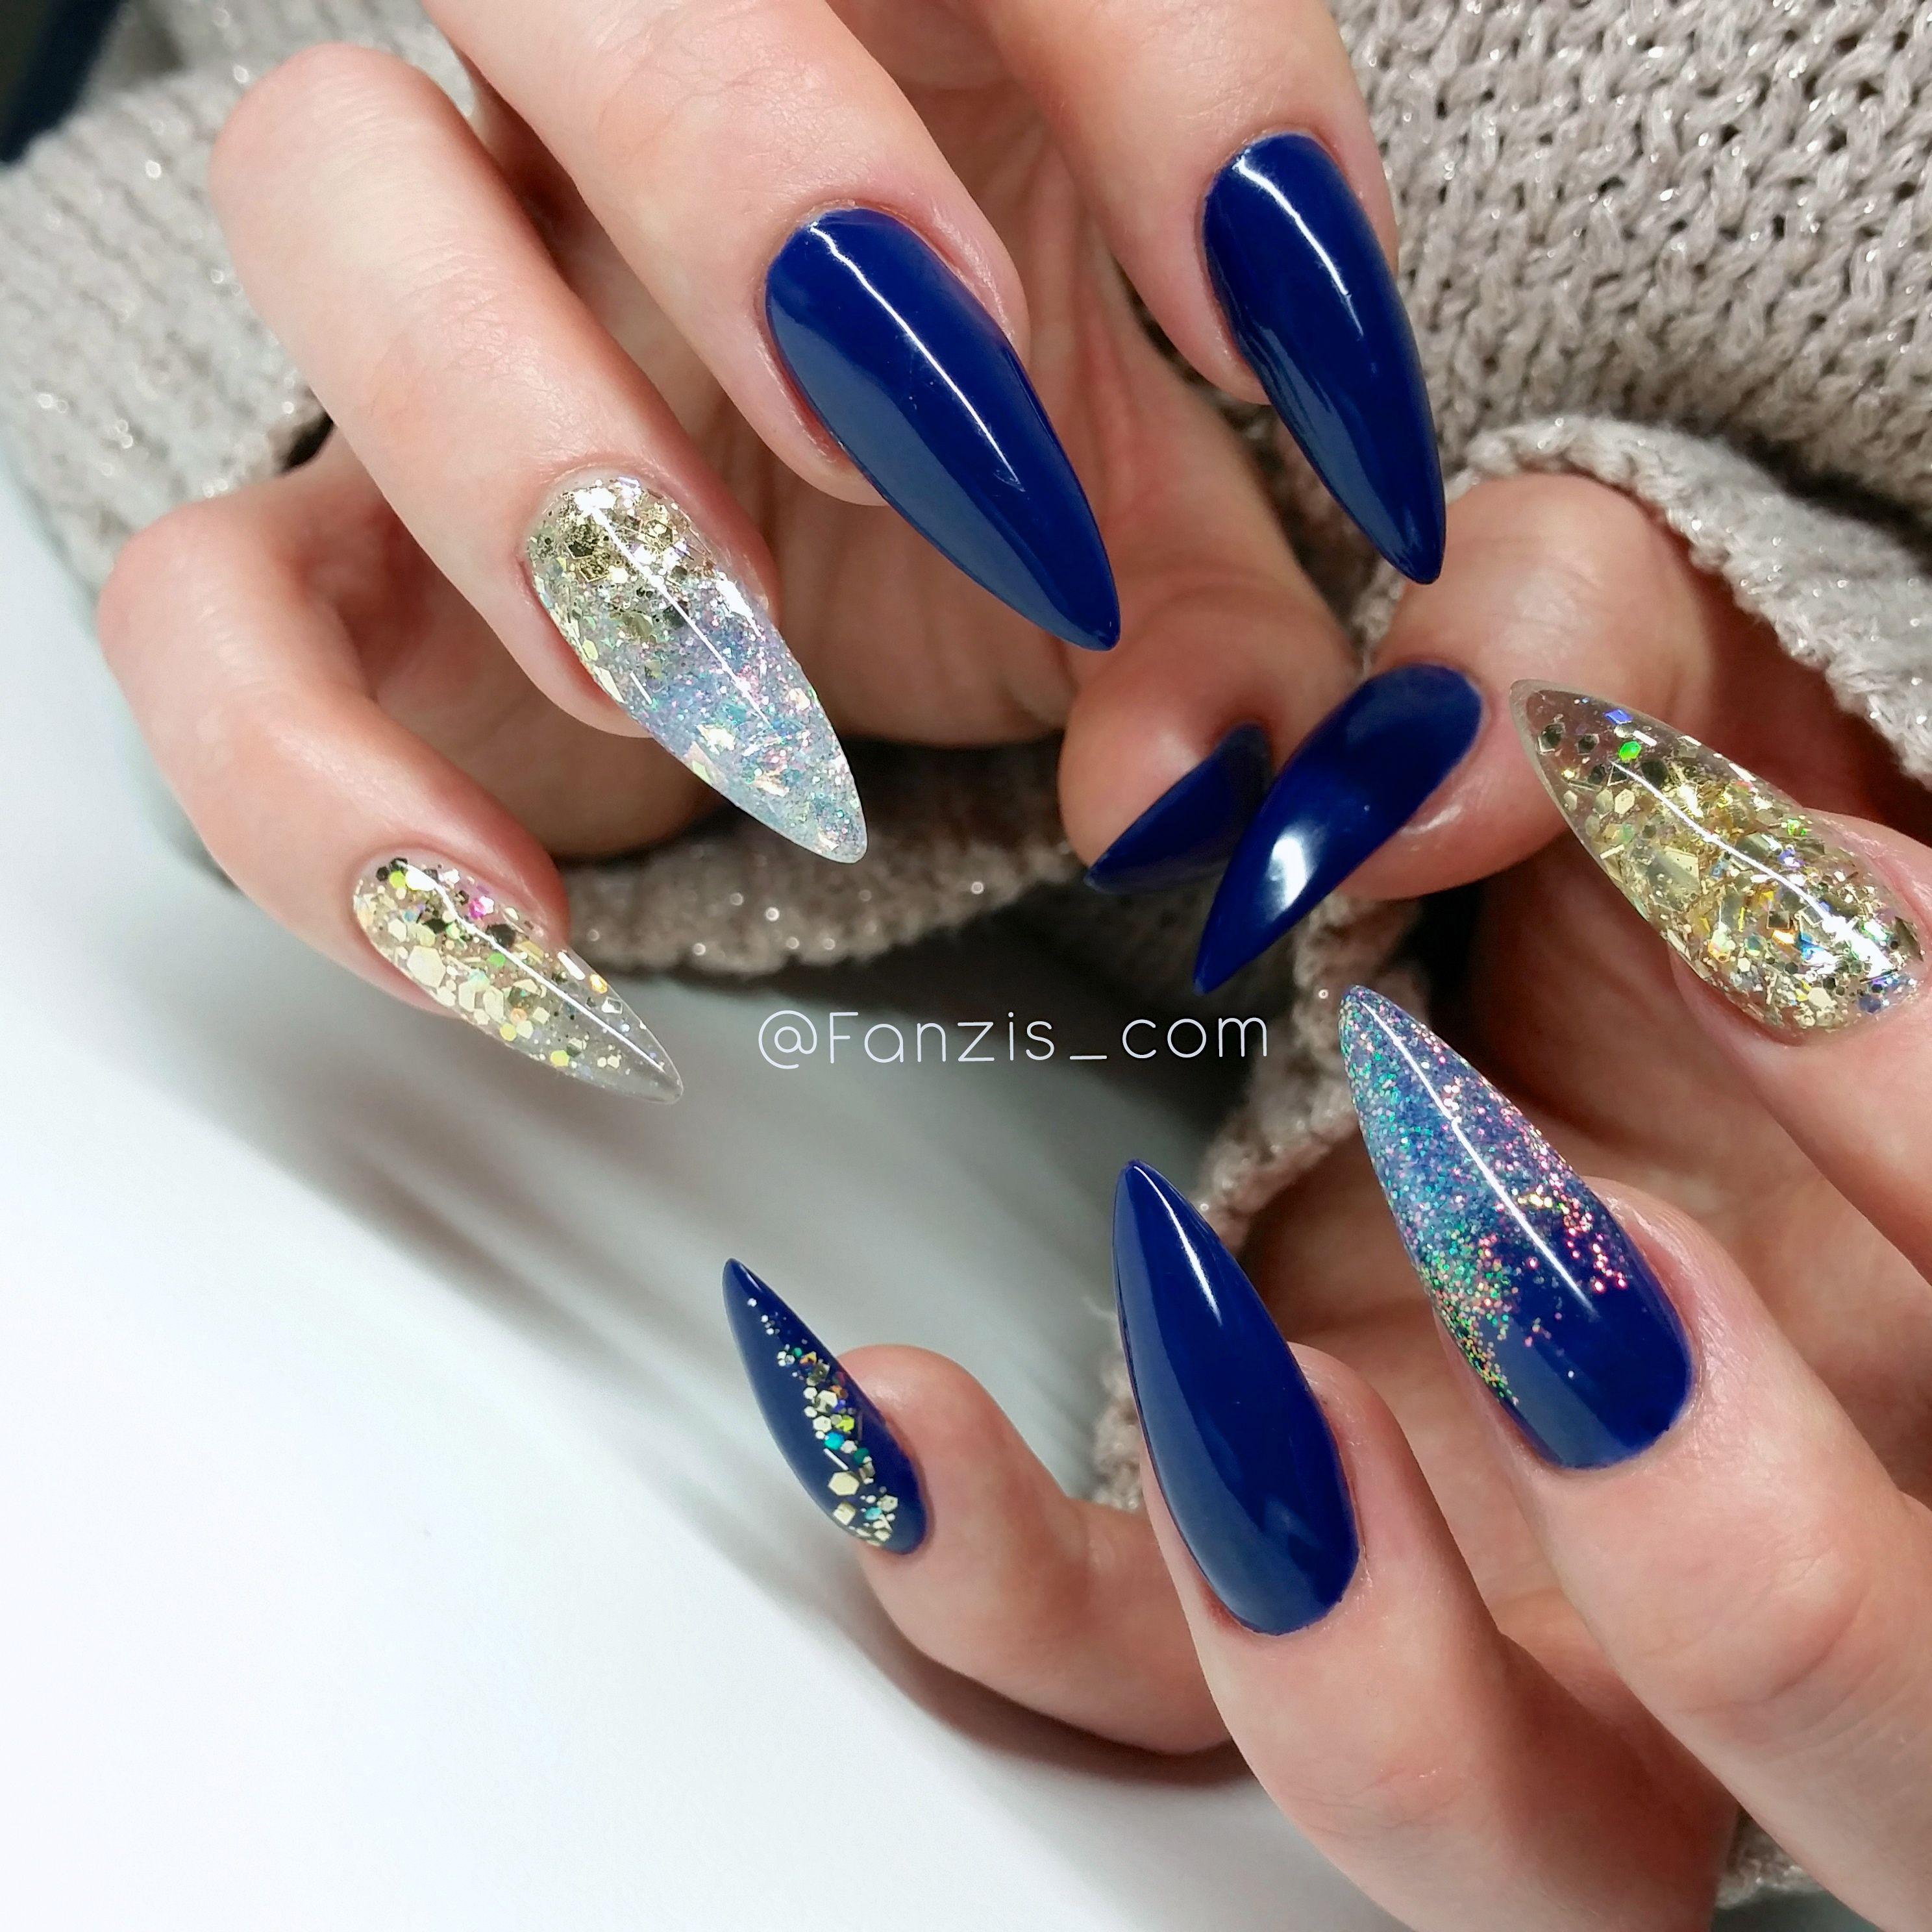 blue glitter nails | Nails | Pinterest | Blue glitter nails, Blue ...